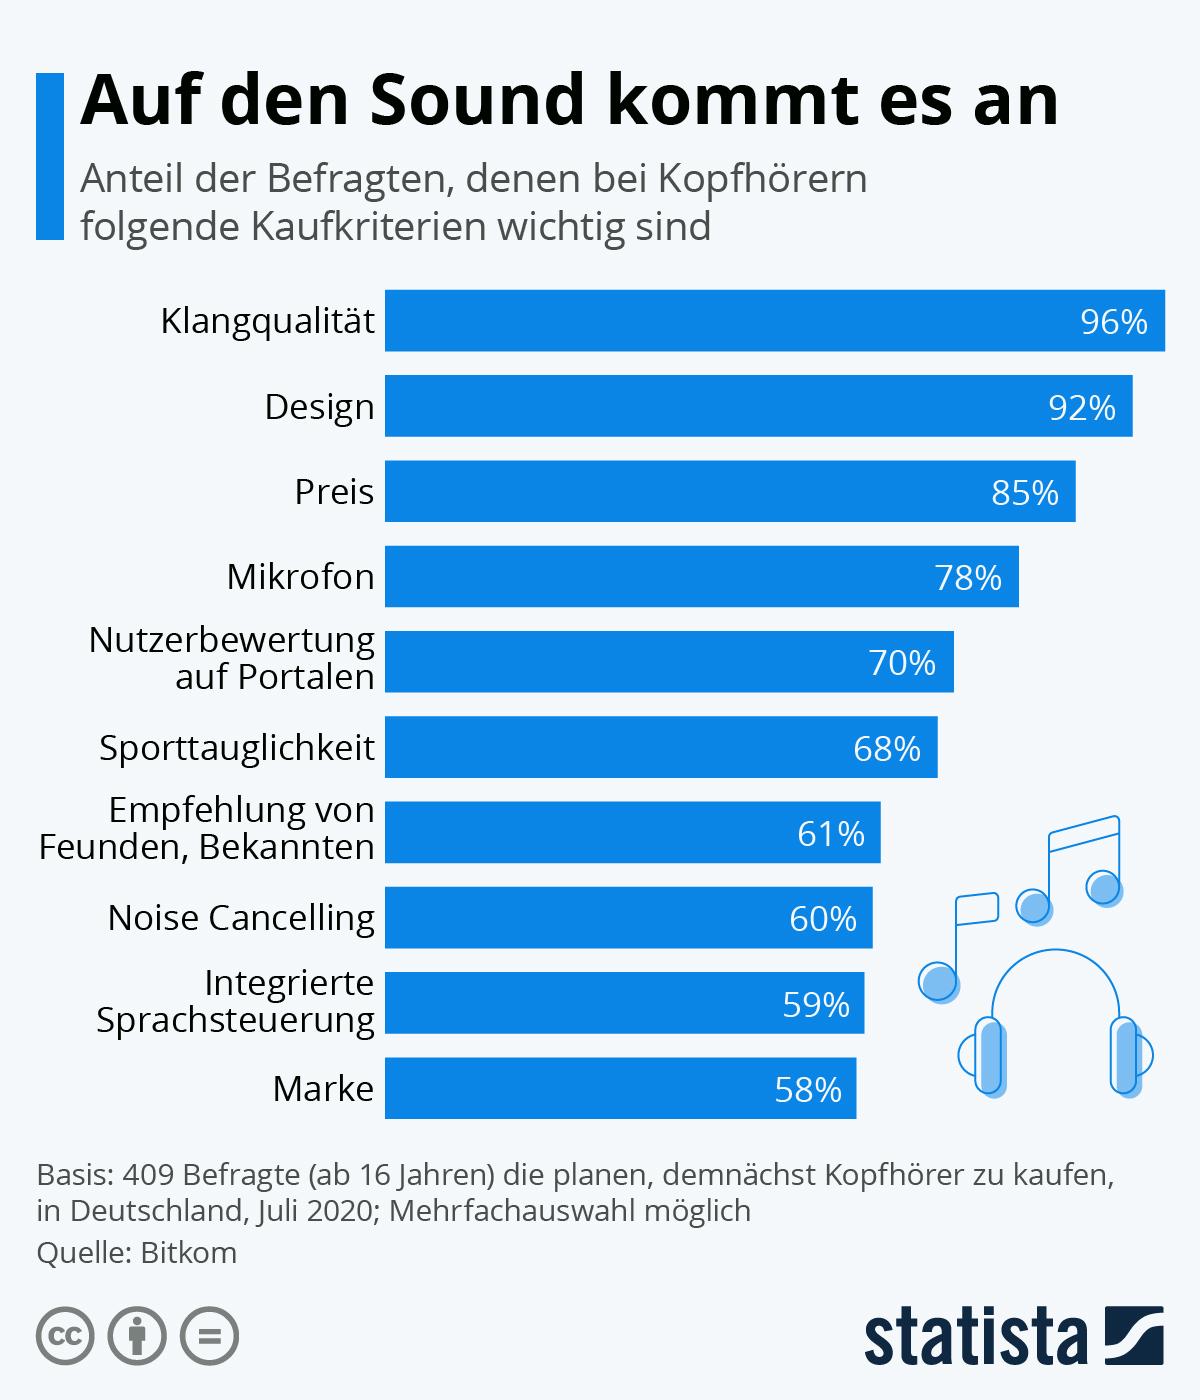 Infografik: Auf den Sound kommt es an | Statista